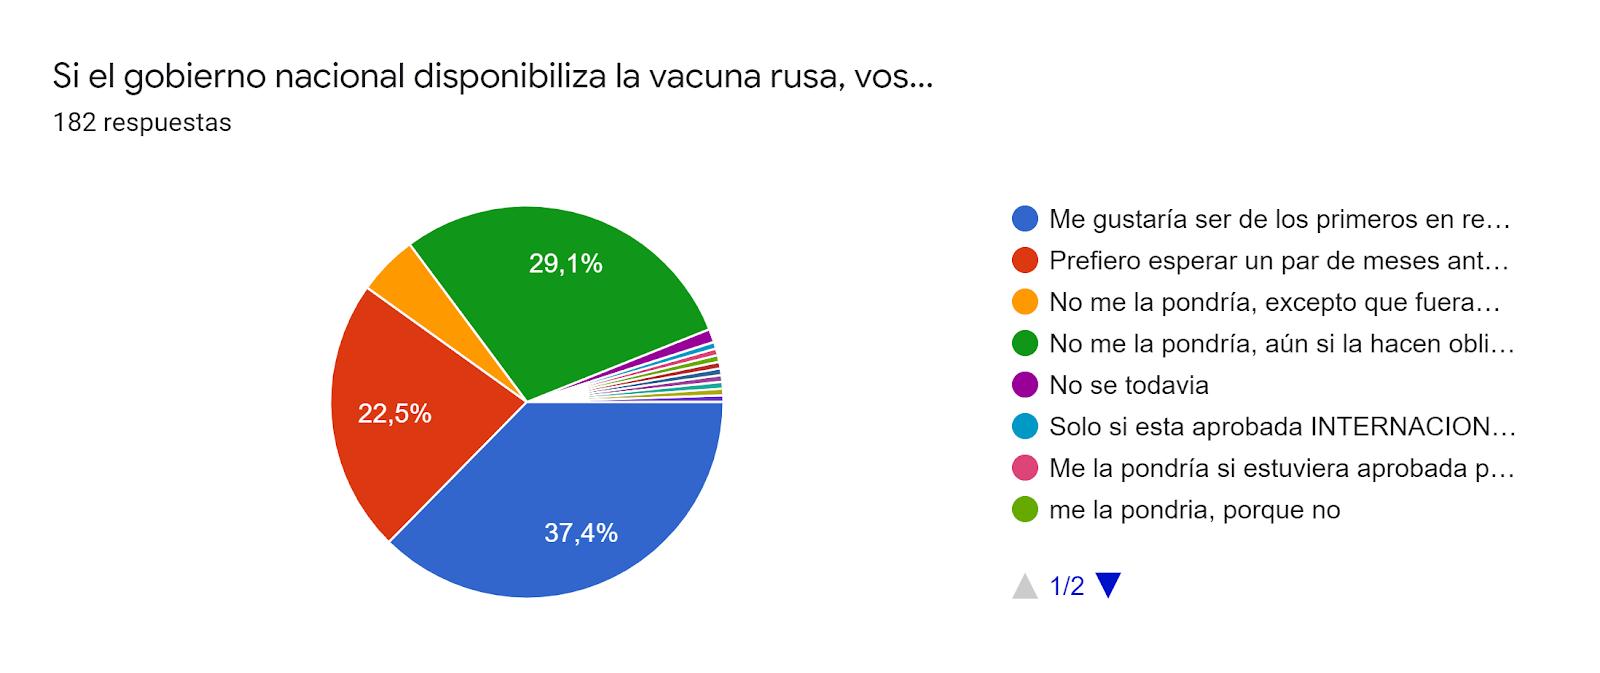 Gráfico de respuestas de formularios. Título de la pregunta:Si el gobierno nacional disponibiliza la vacuna rusa, vos.... Número de respuestas:182 respuestas.